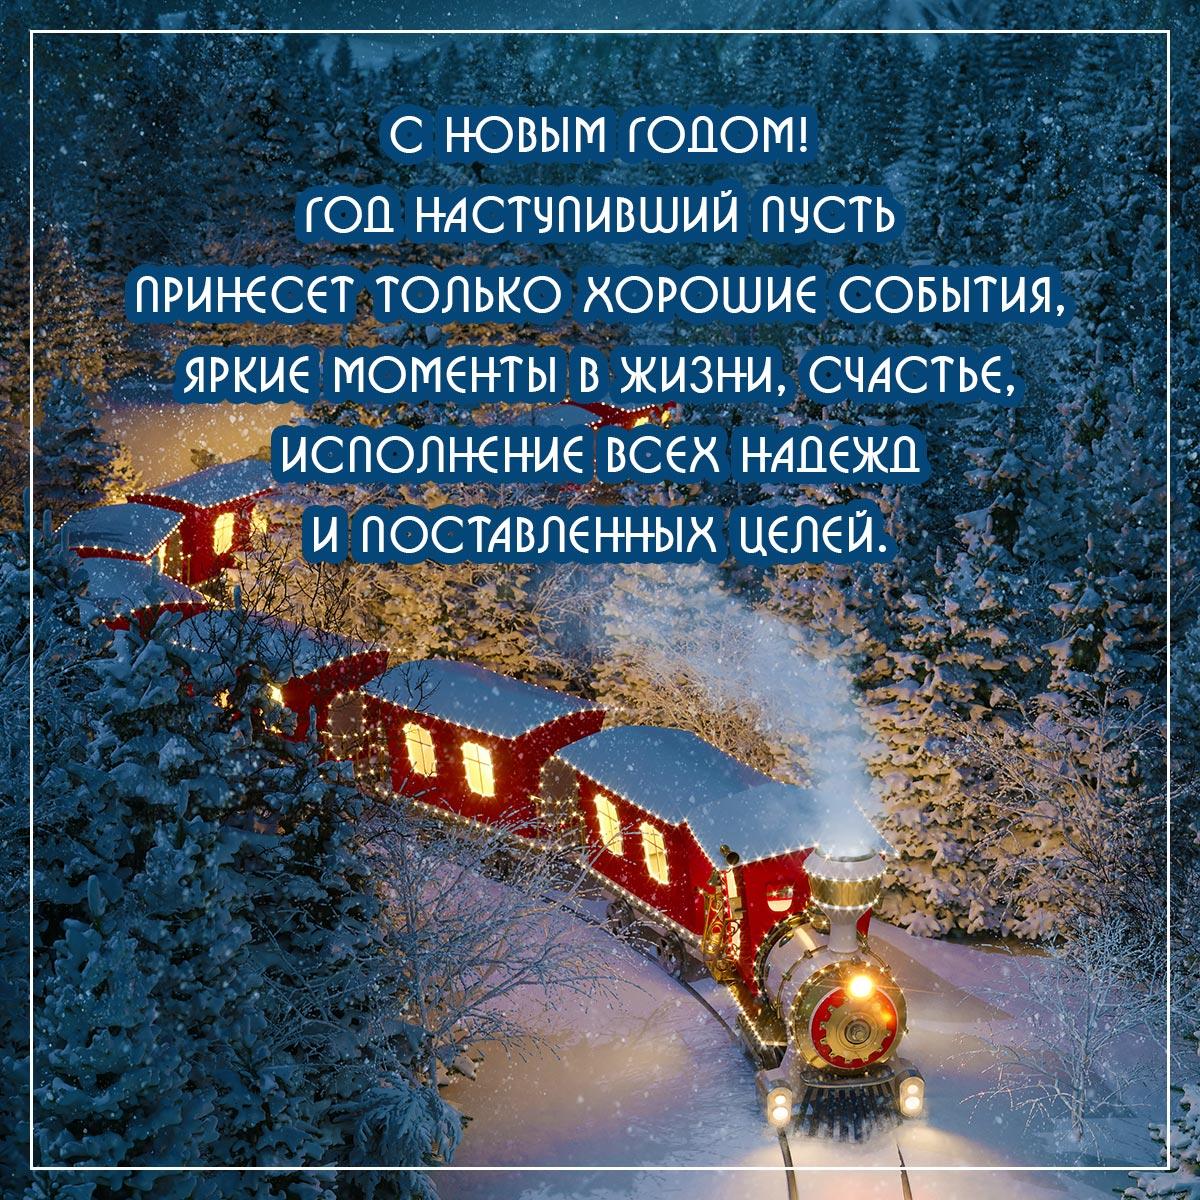 Поздравление с новым годом на фоне игрушечного поезда в зимнем лесу.